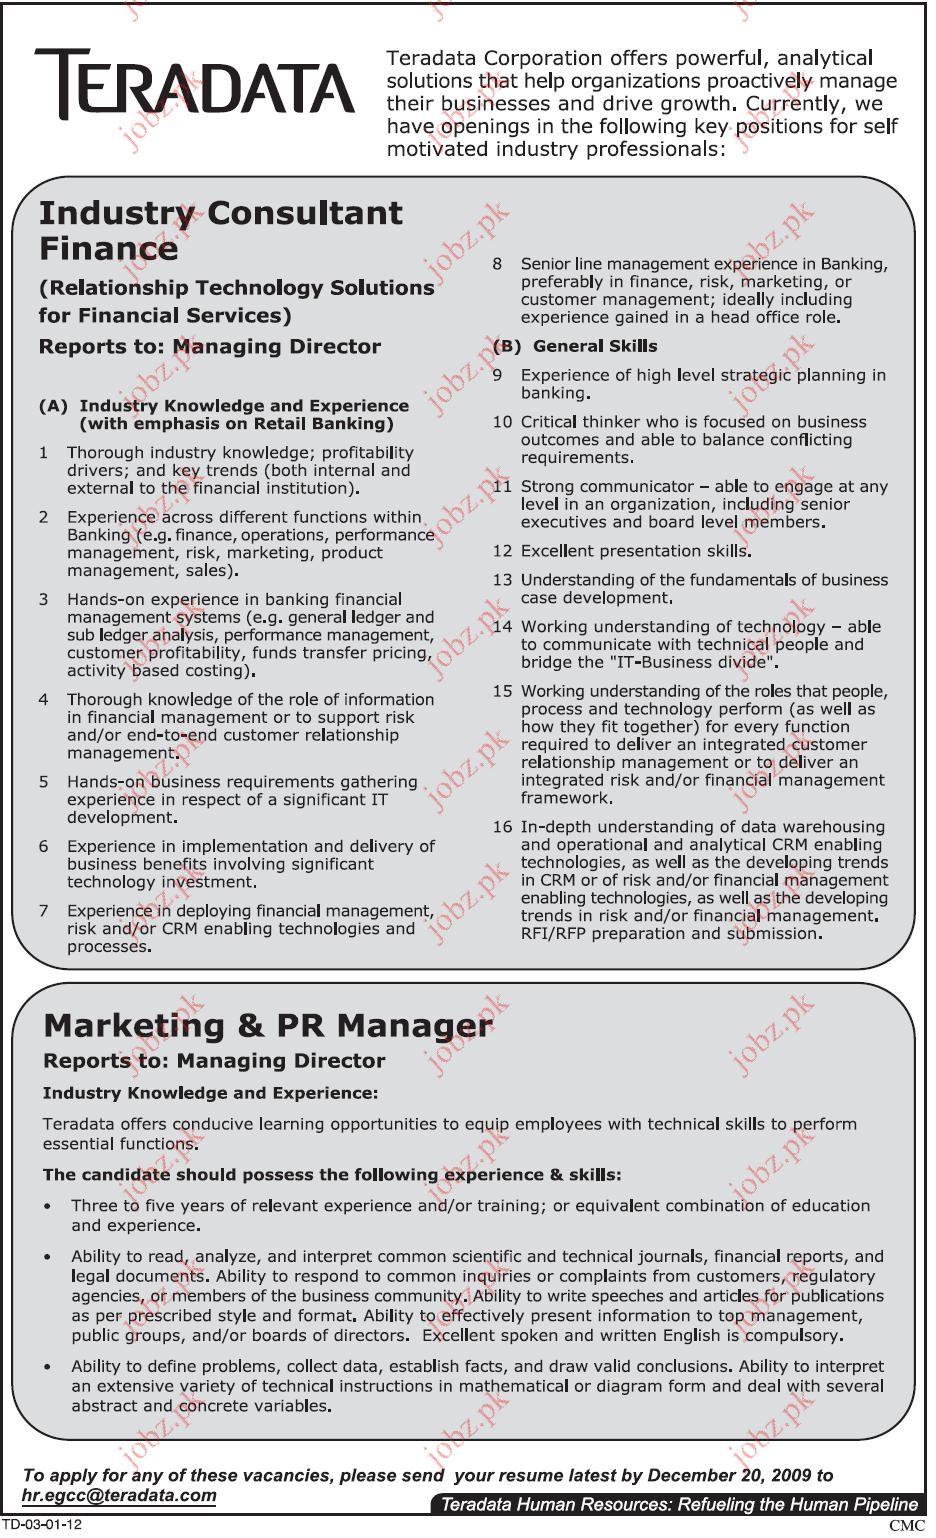 teradata corporation pakistan opportunities 2017